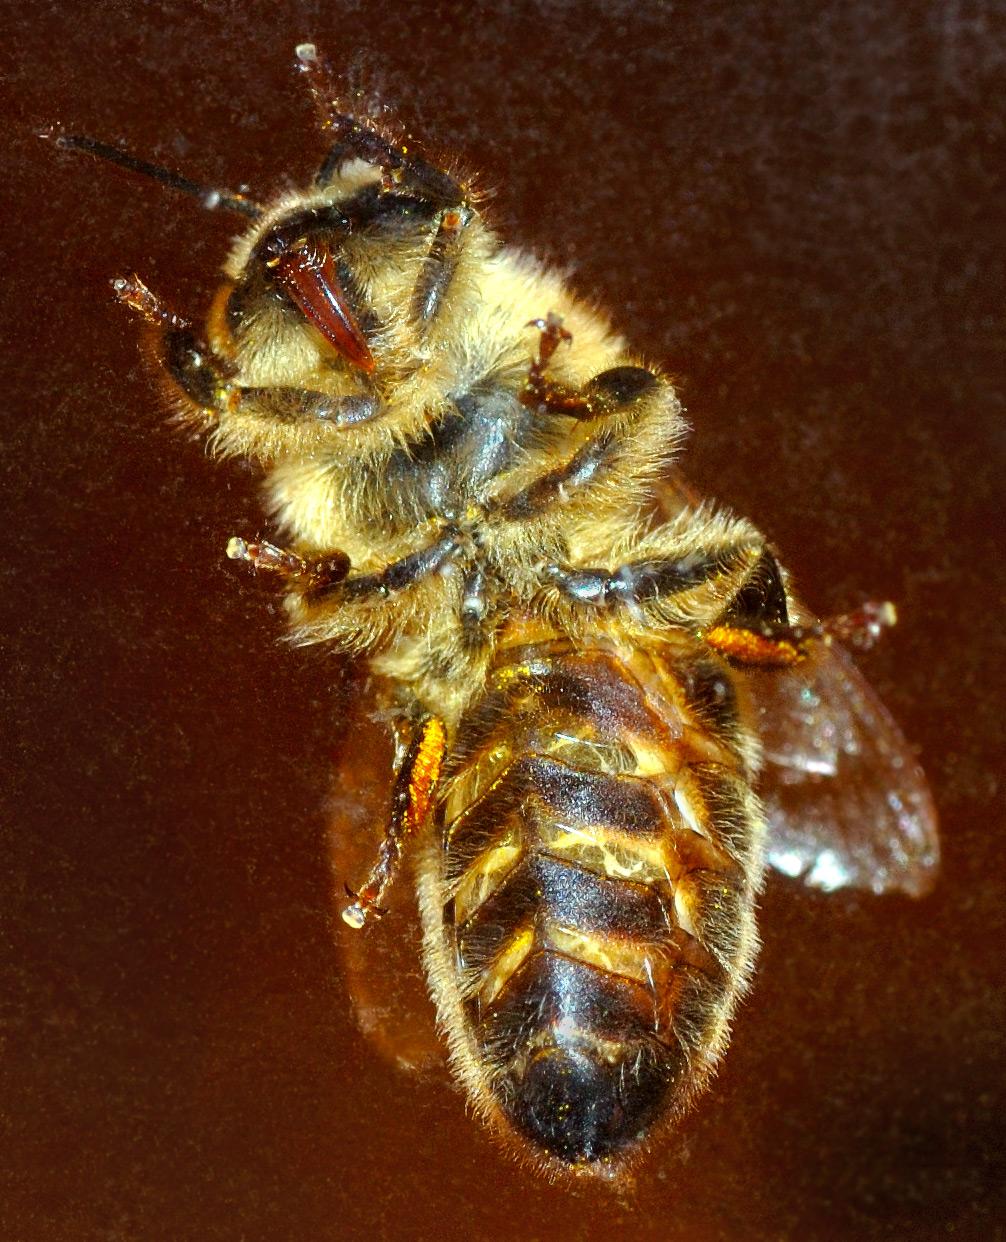 Lebah - Wikipedia bahasa Indonesia, ensiklopedia bebas